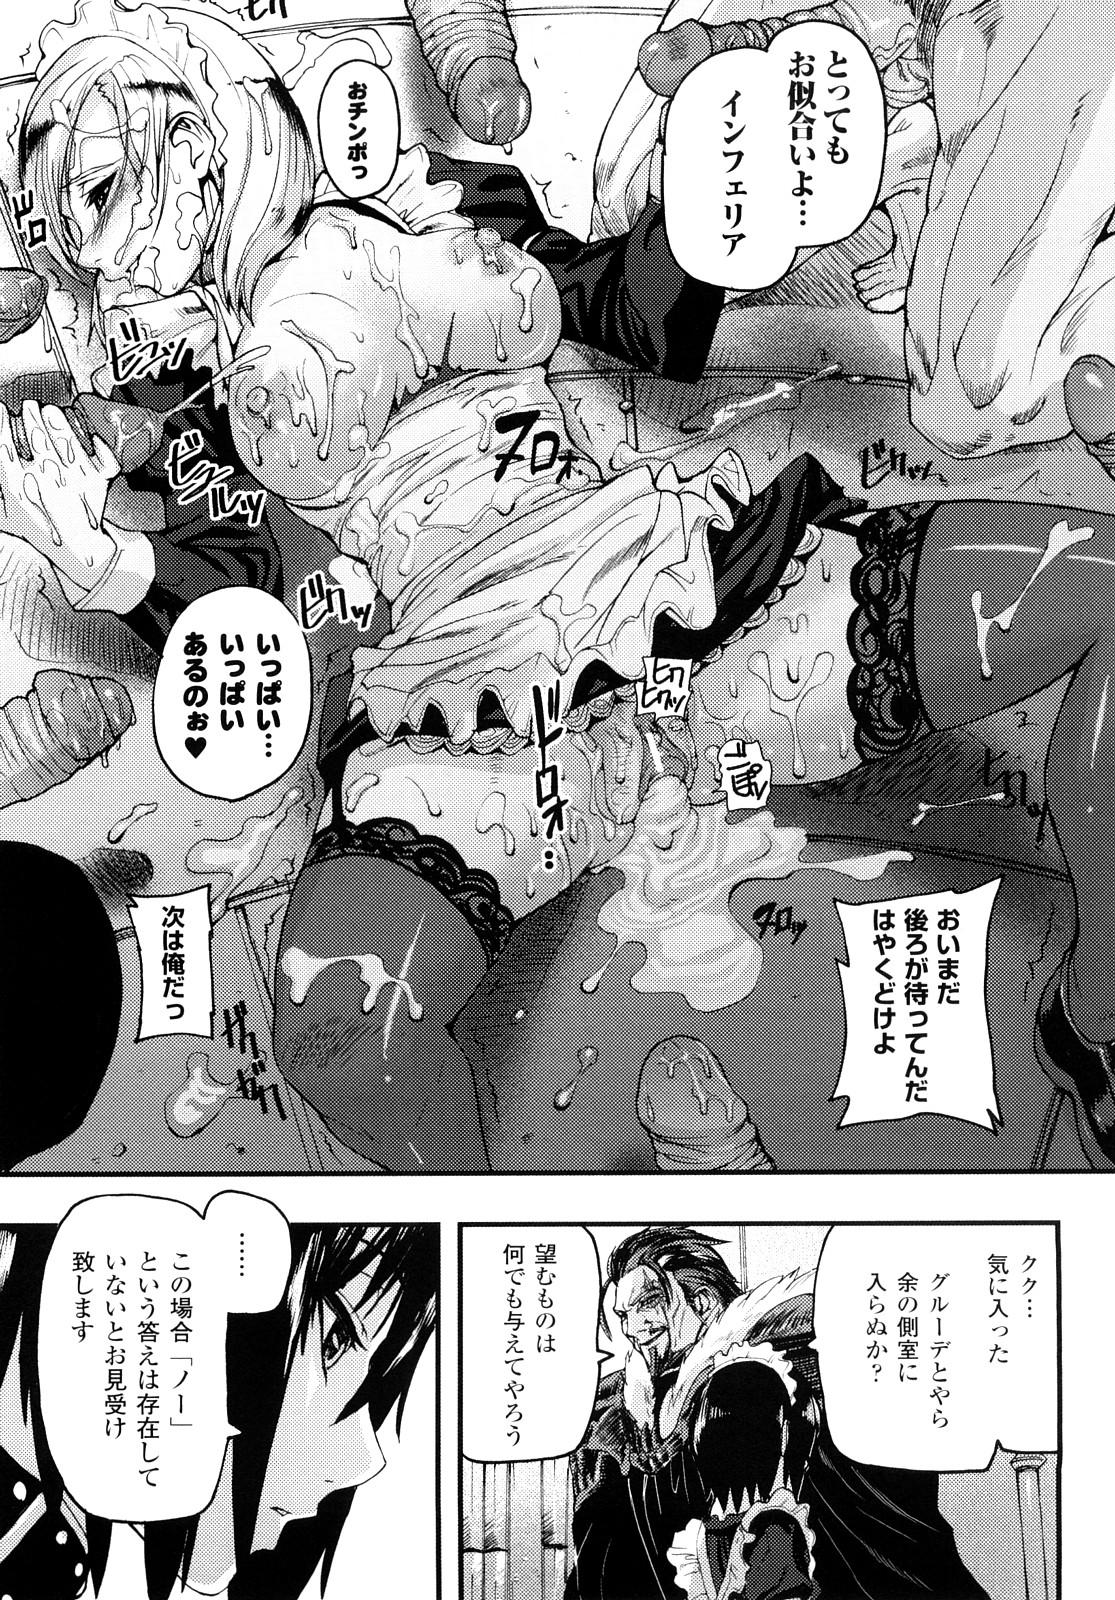 Cerberum no Hitsugi Haitoku no Hanmegami - The Coffin of Cerebrum Immoral Demivenus 25